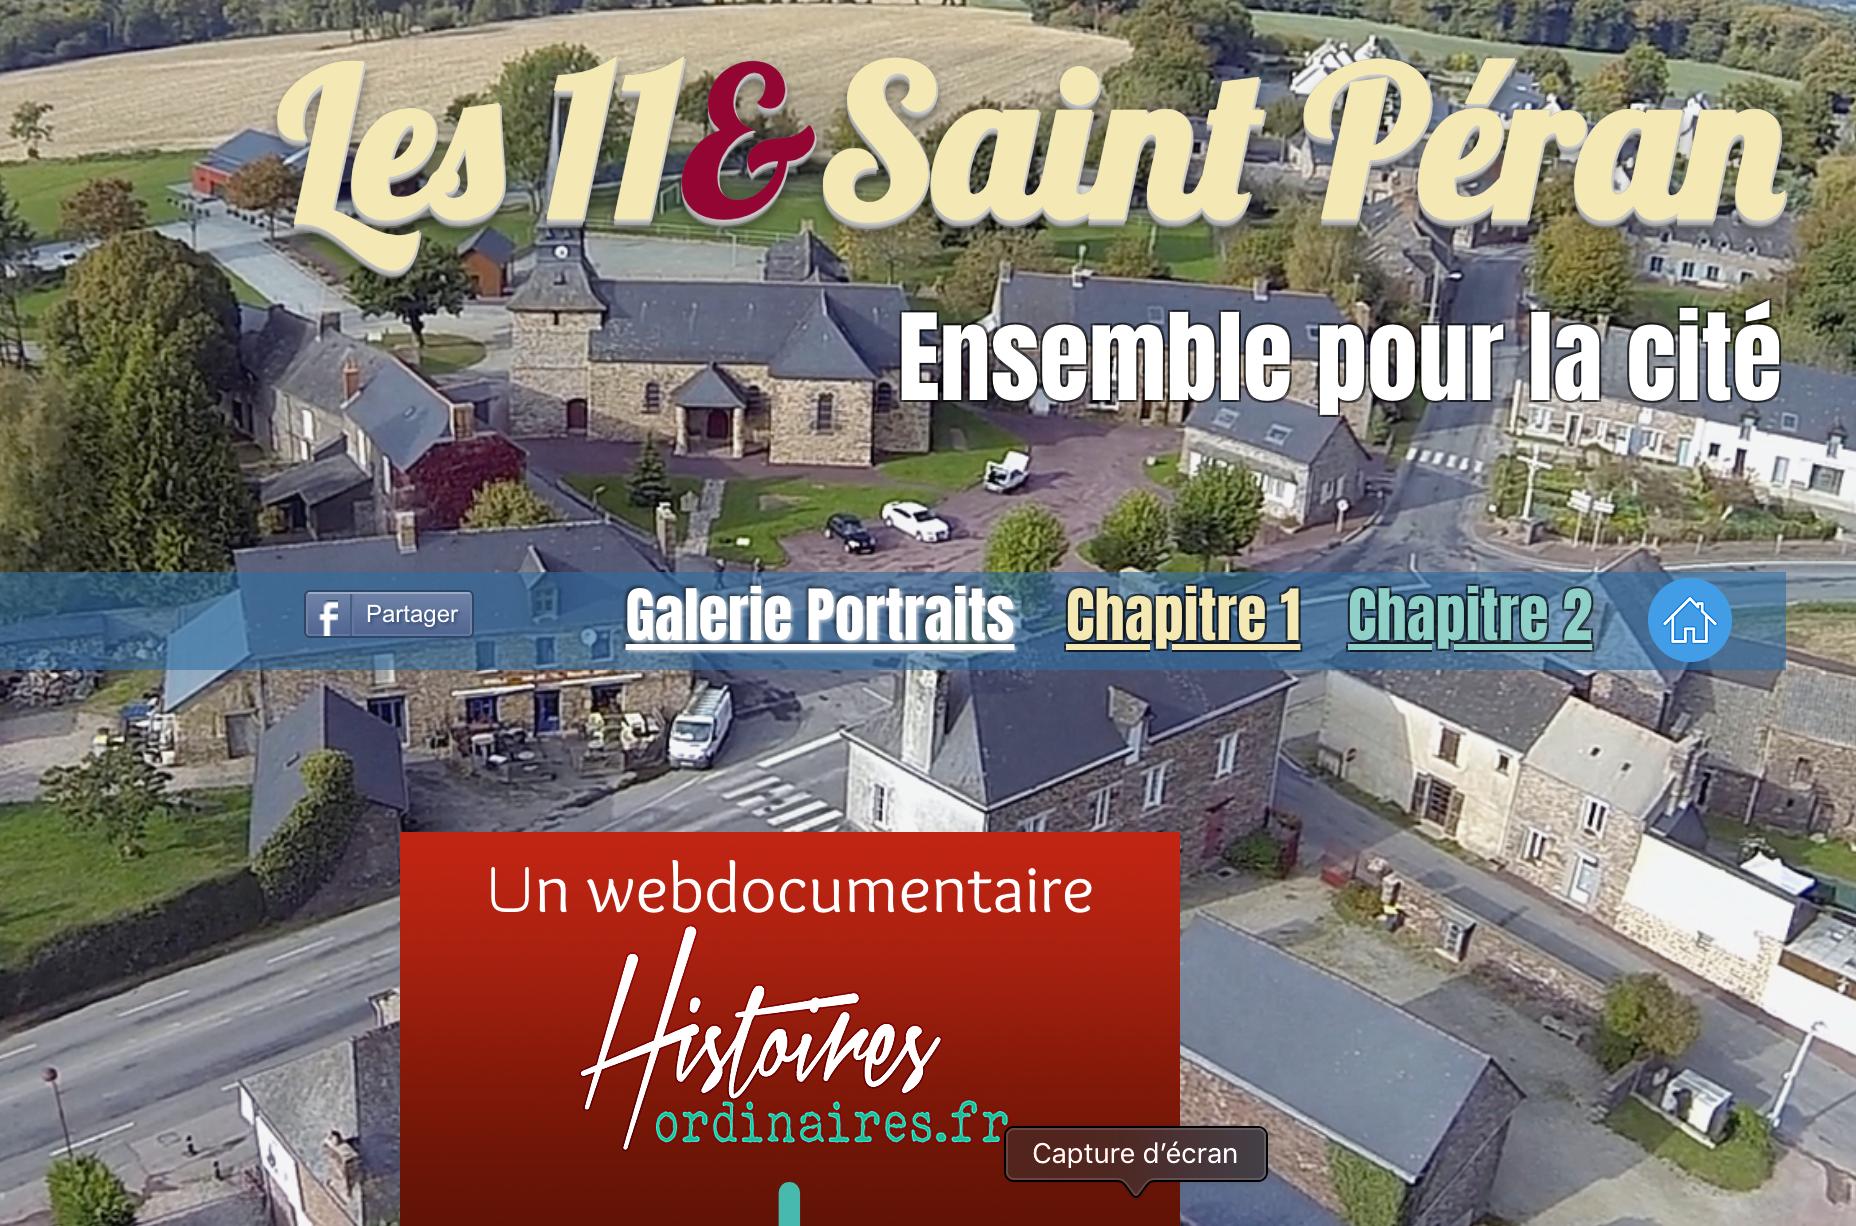 Chez Patrick, l'esprit punk souffle à Saint Péran